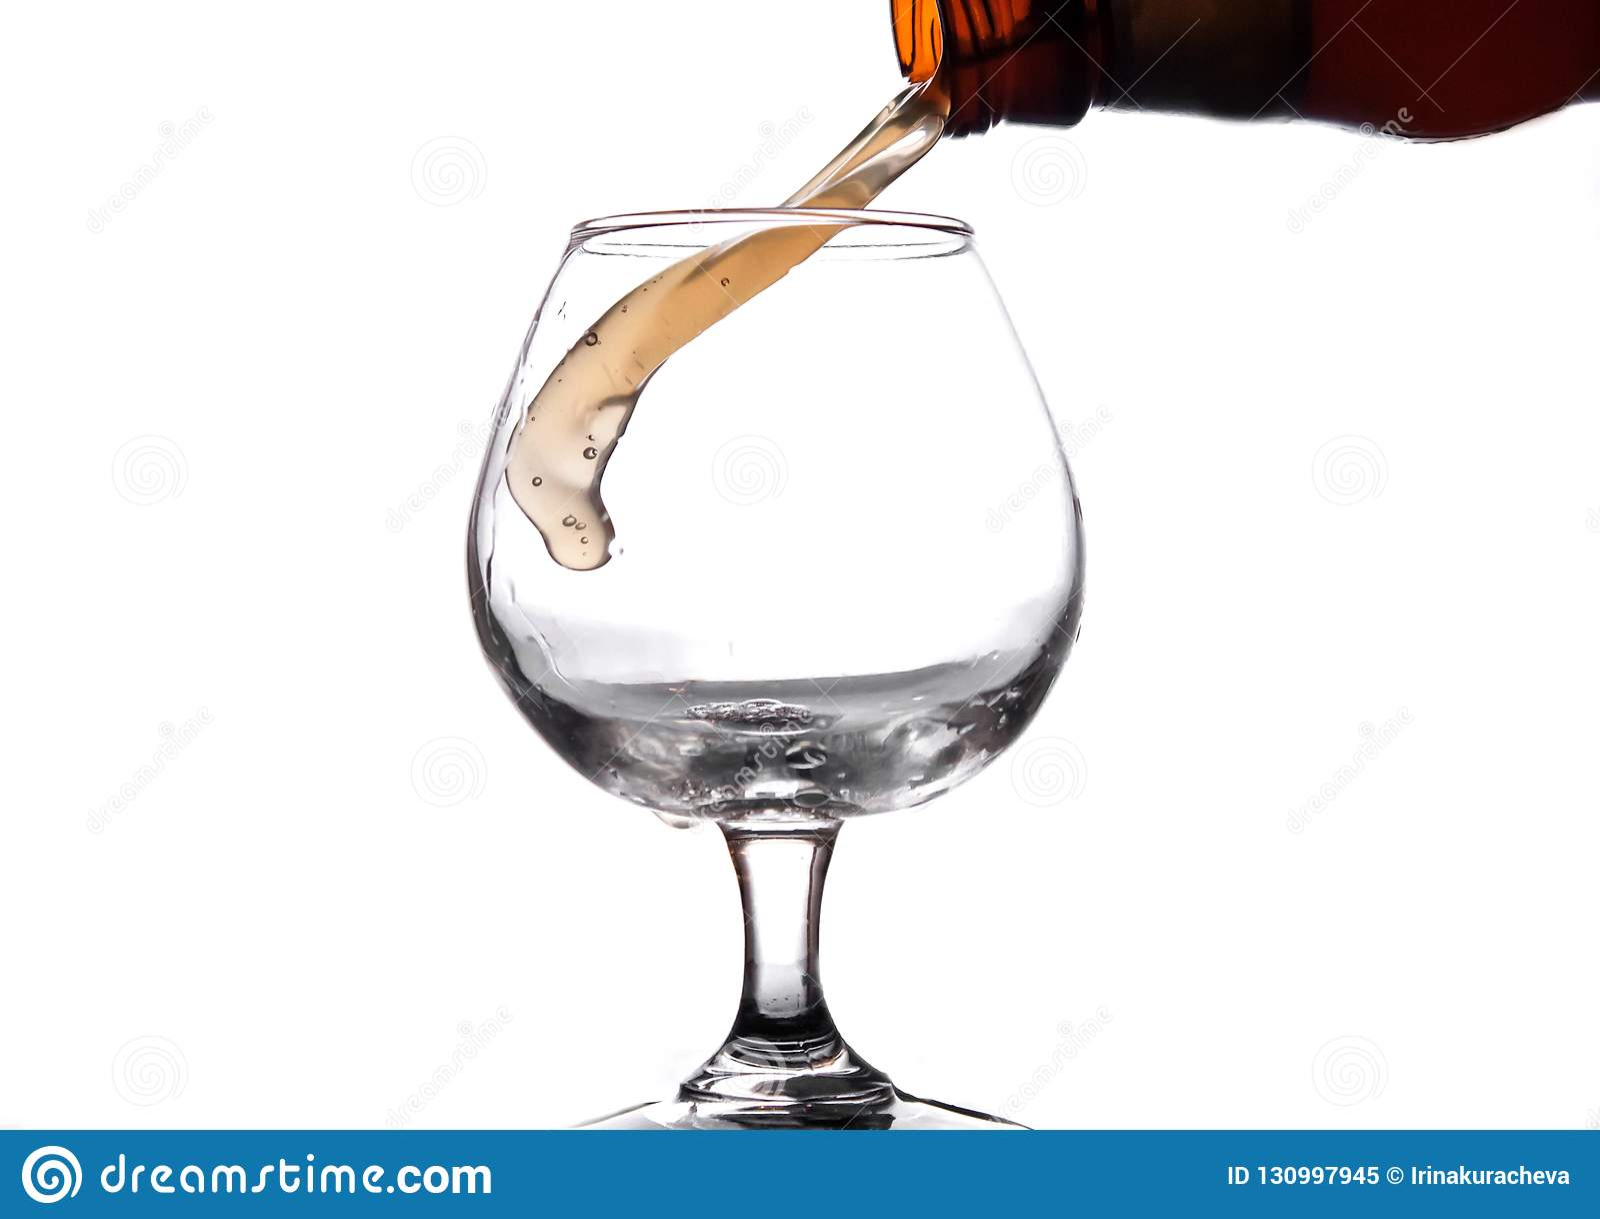 Le liquide est versé dans un verre et un pulvérisateur